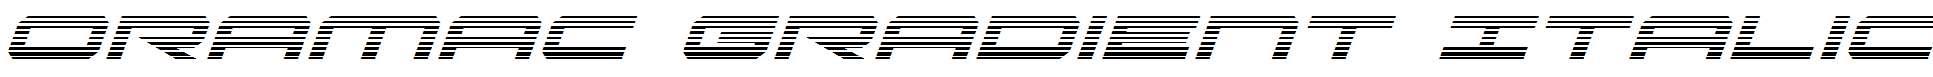 Oramac-Gradient-Italic